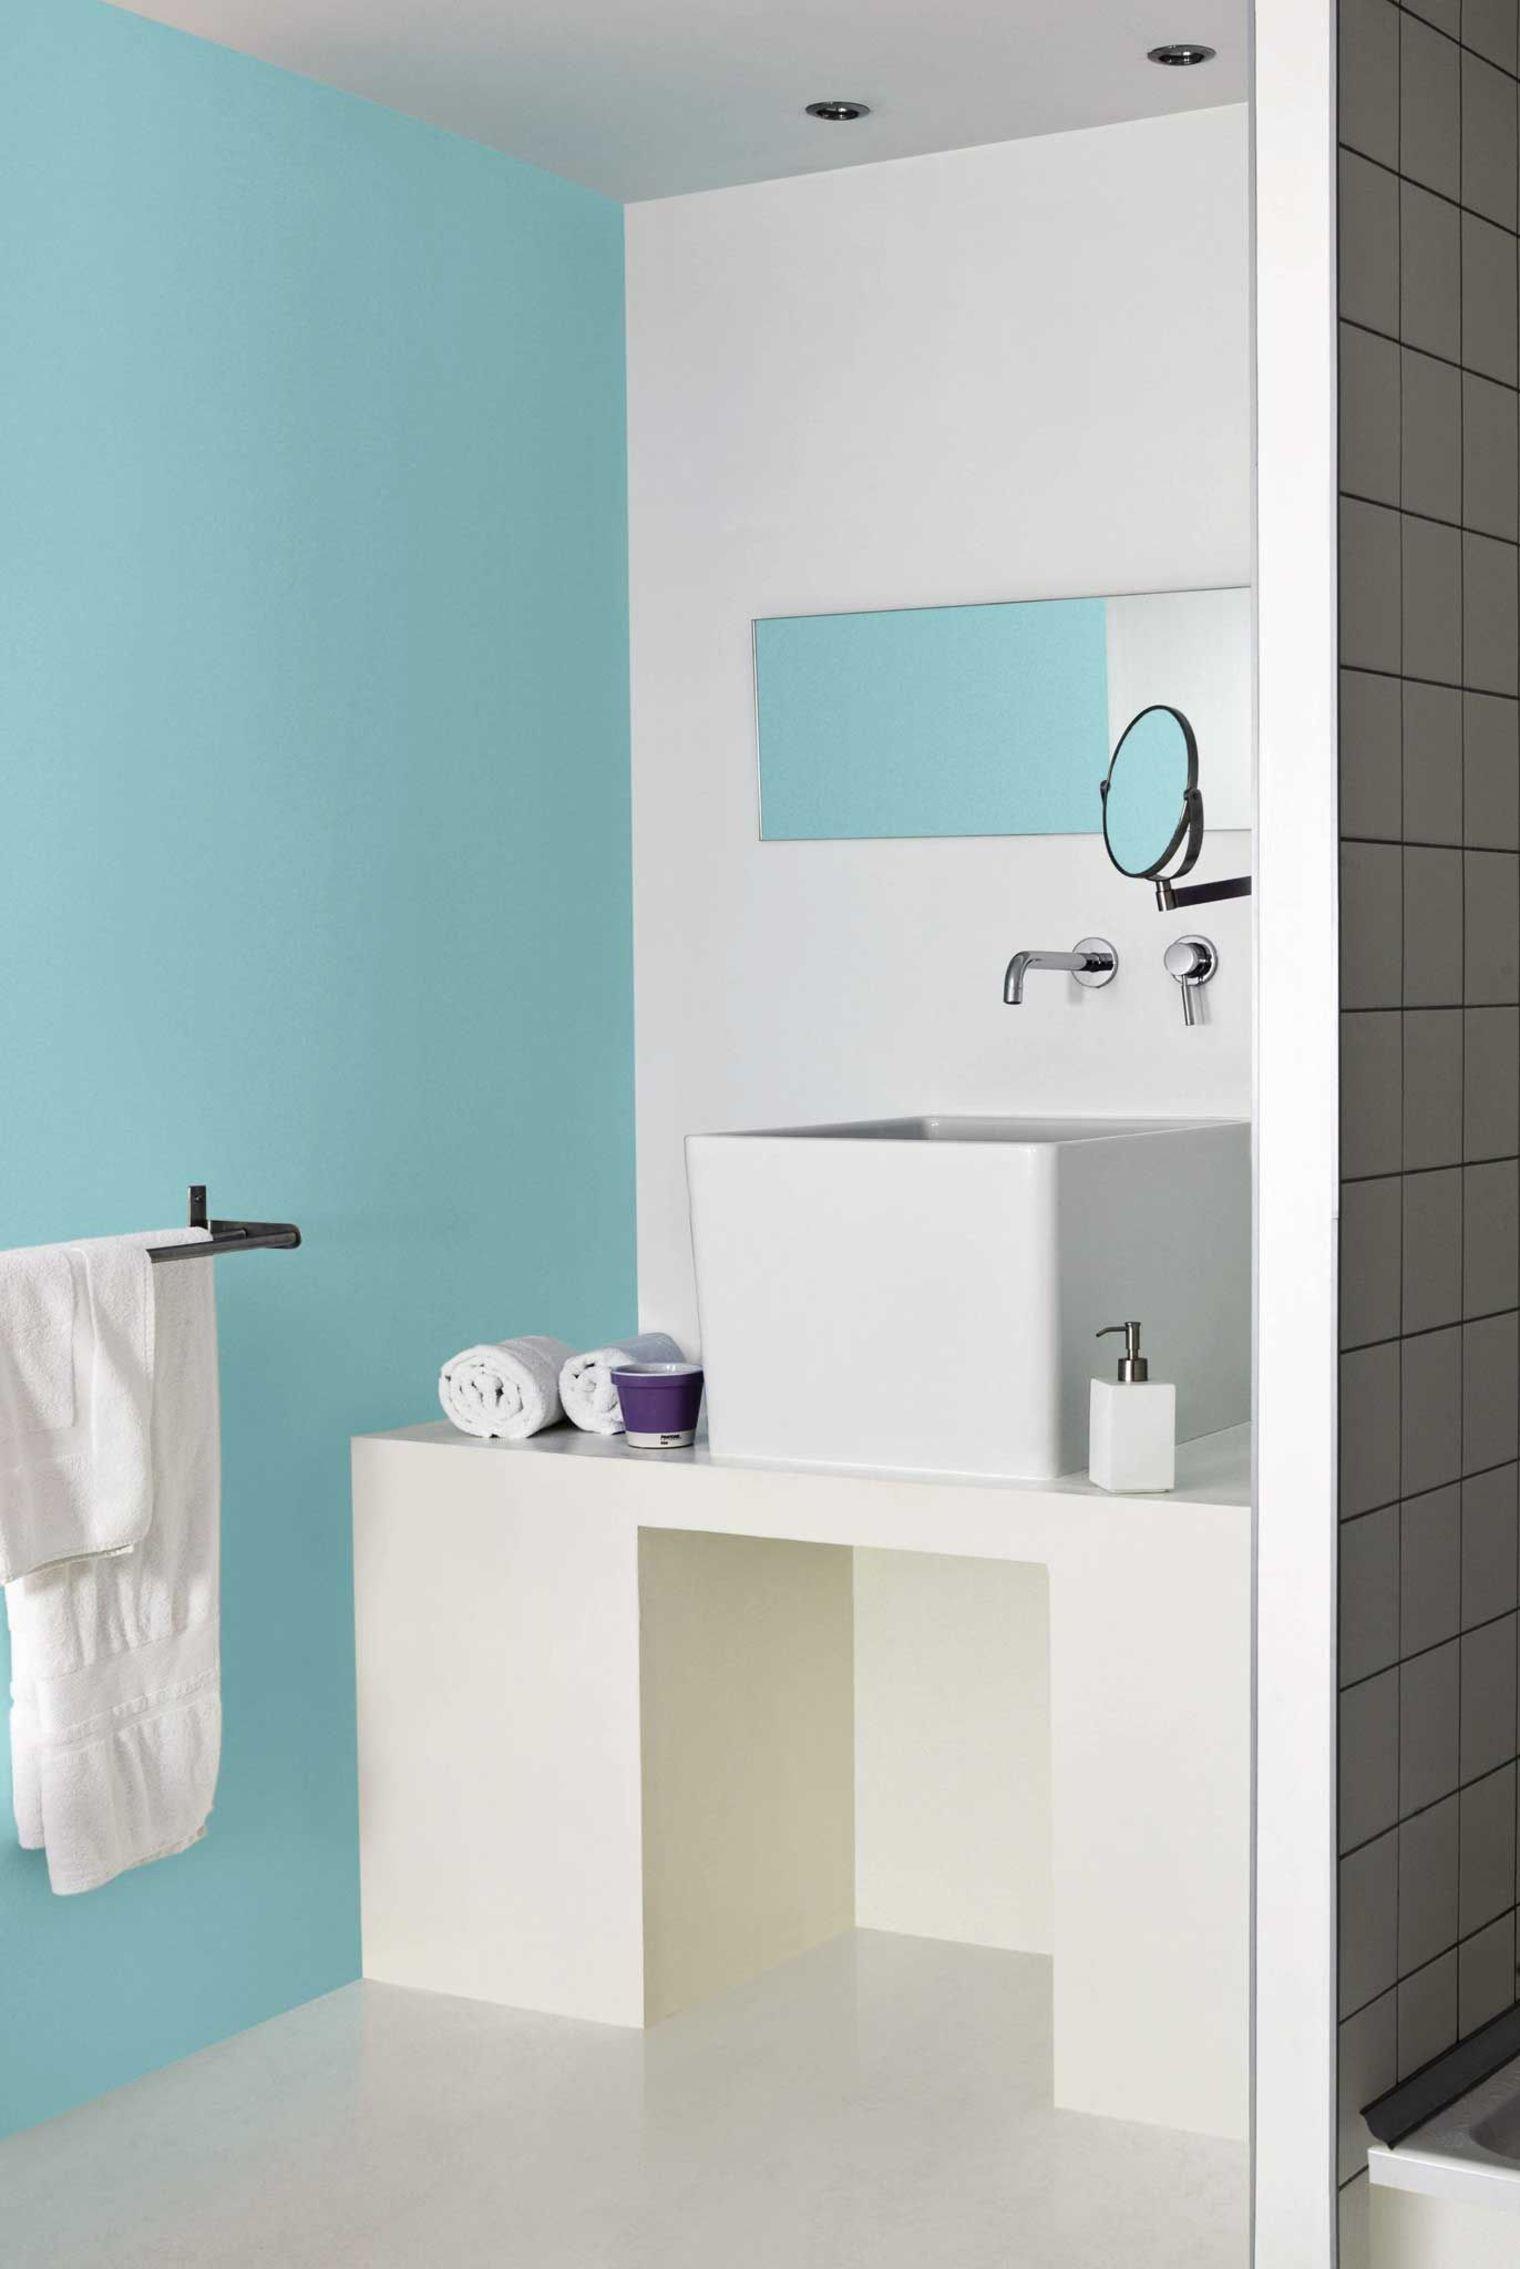 Faience rouge salle de bain - Peindre meuble salle de bain ...